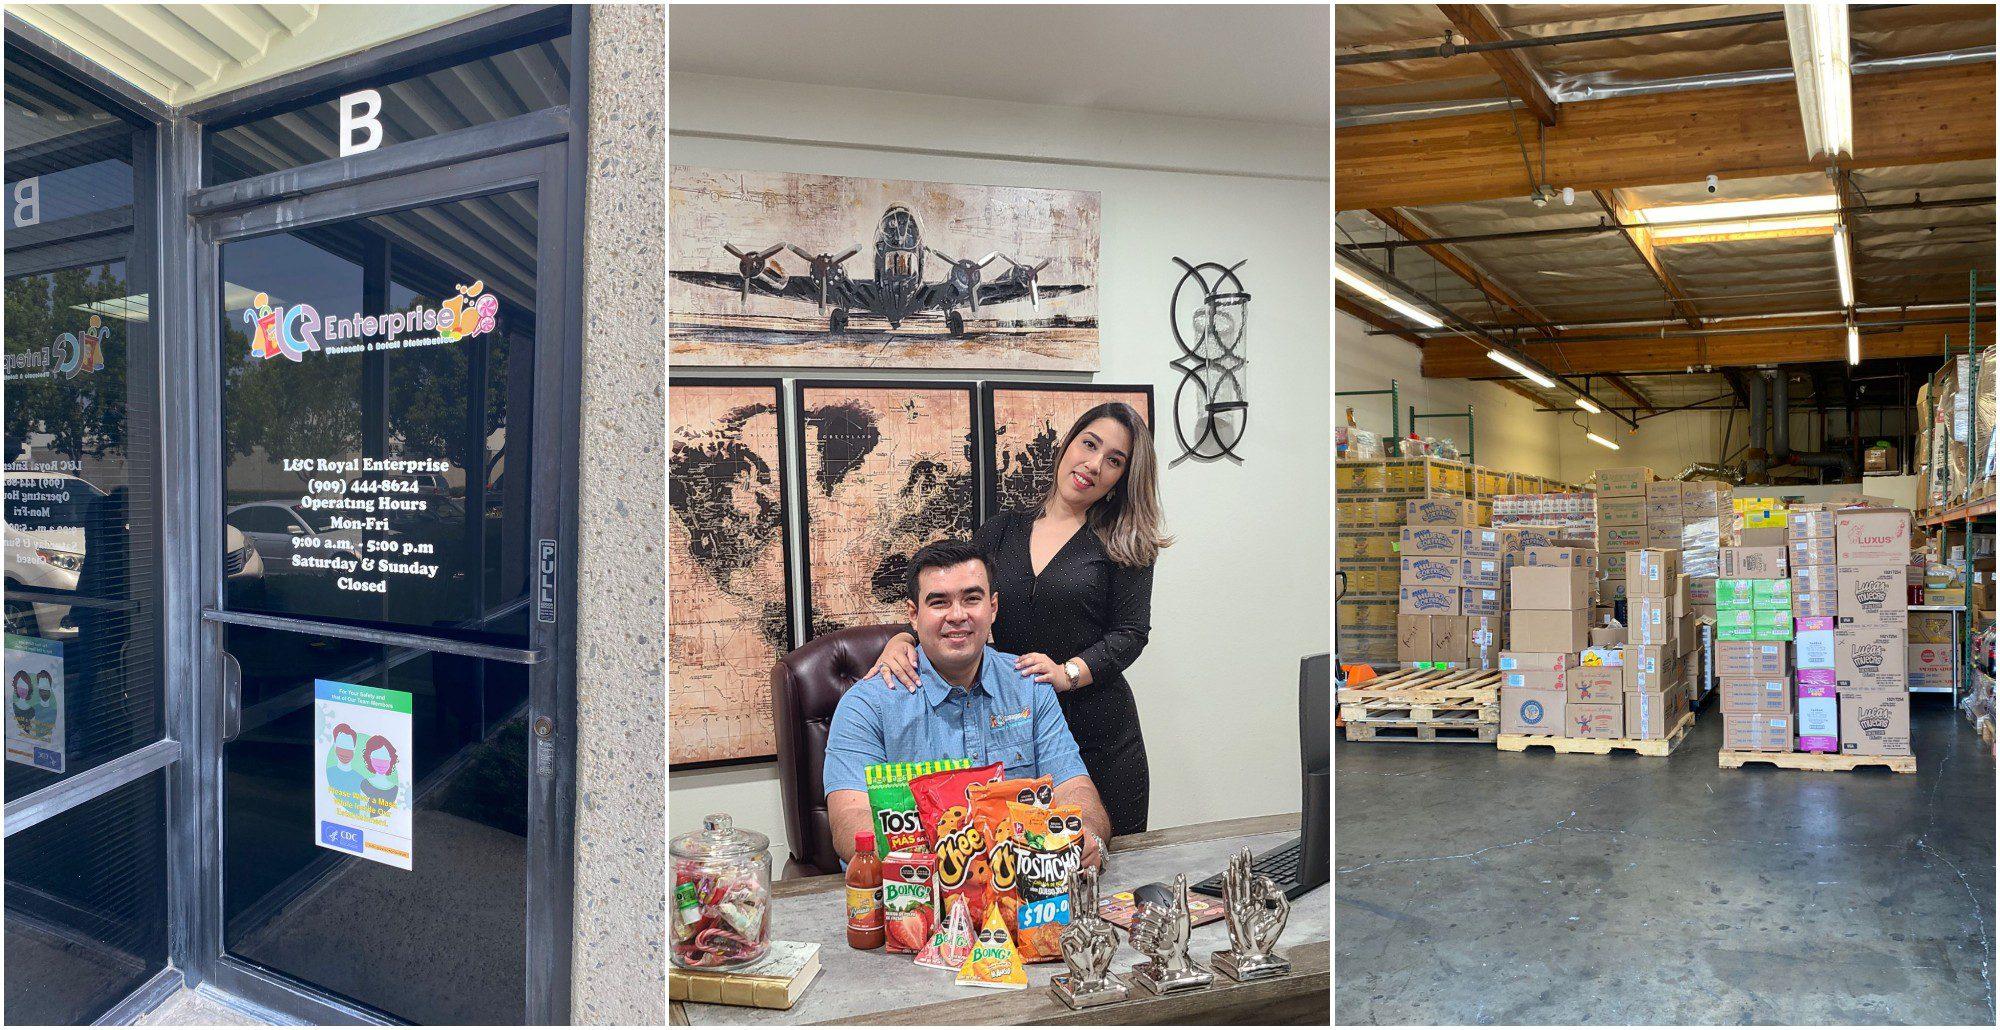 Hondureños triunfan con distribuidora de productos en California